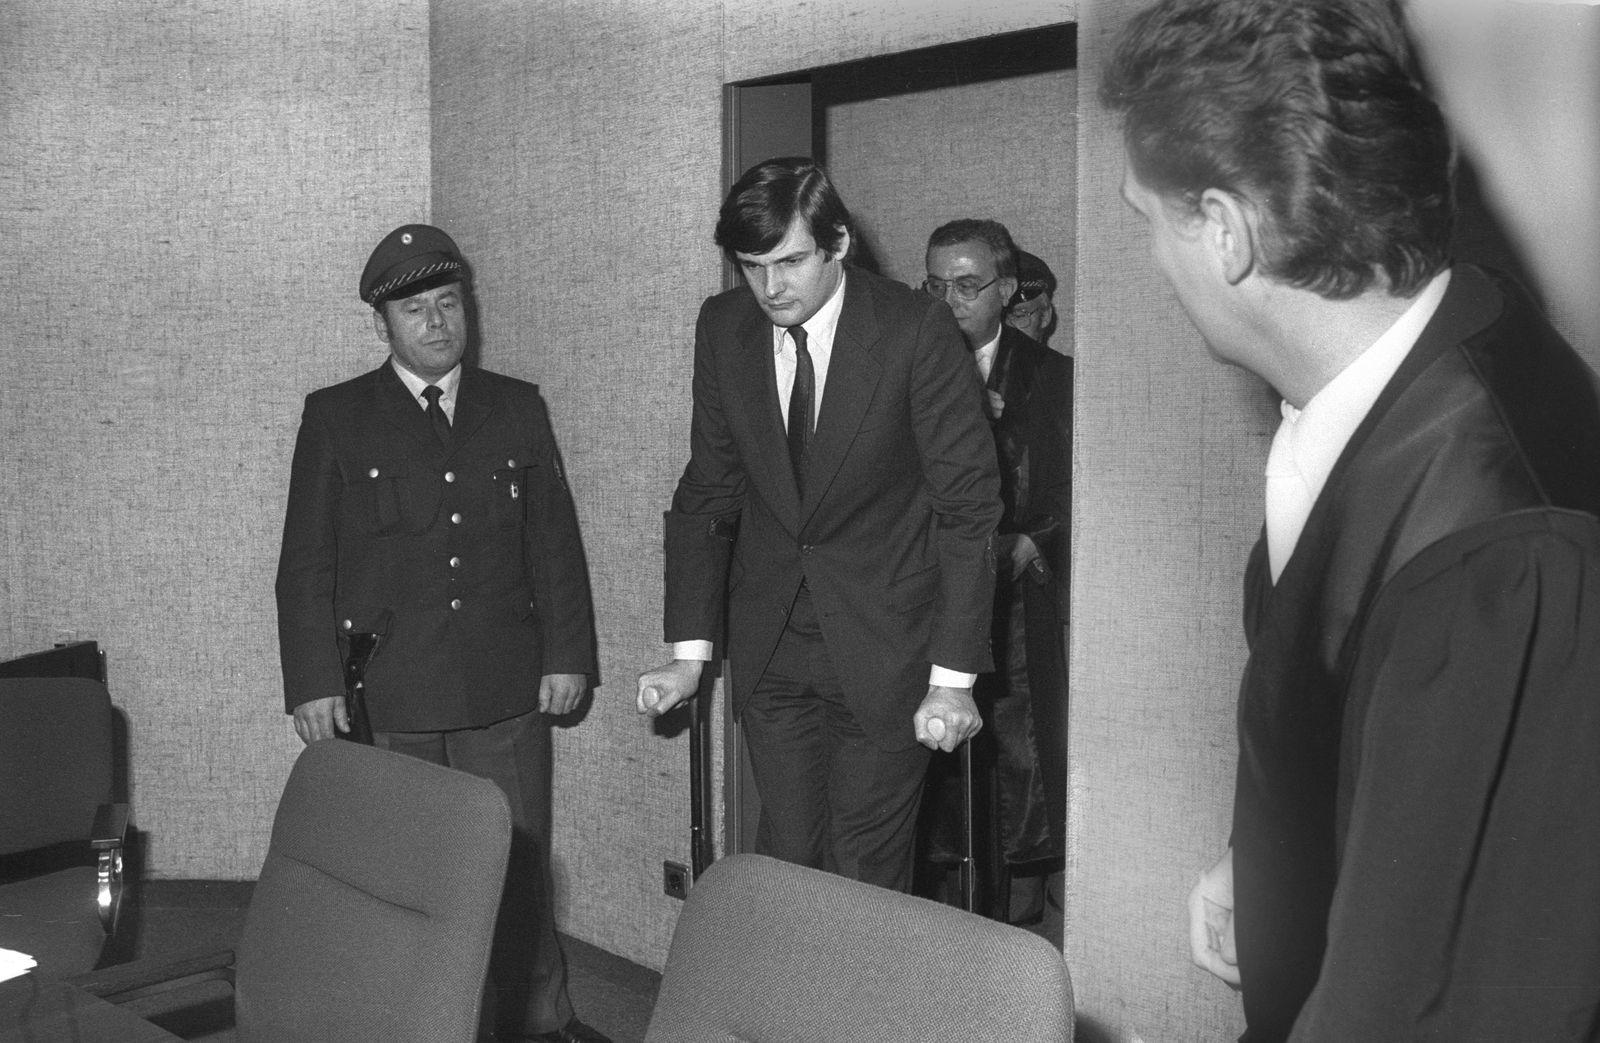 Entführung Richard Oetker am 14. Dezember 1976 in Weihenstephan von Dieter Olof Prozess Mai 1980 in München Vorsitzende